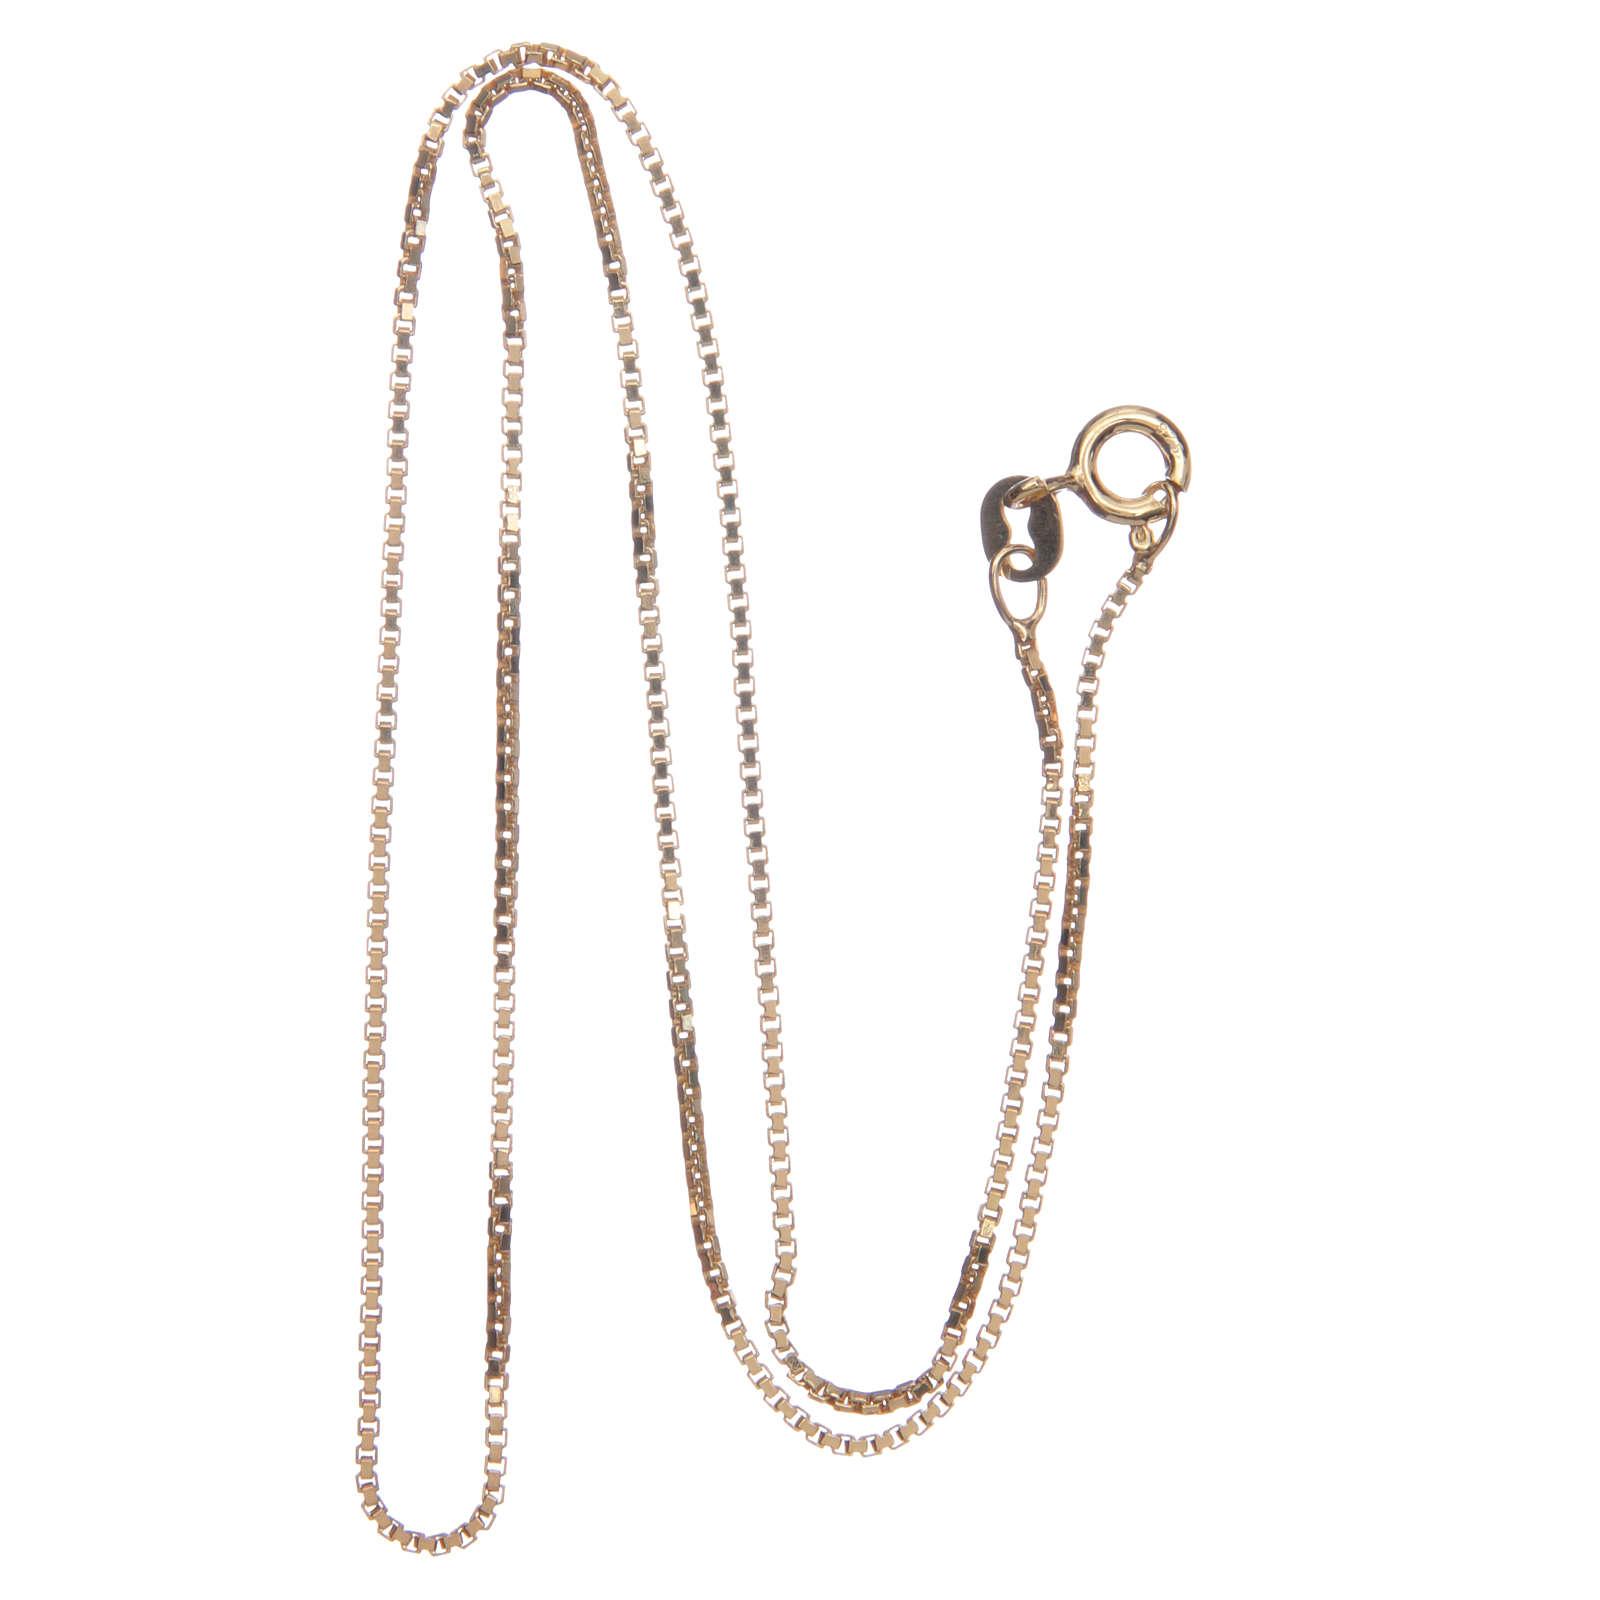 Łańcuszek wenecki srebro 925 pozłacany długość 40 cm 4